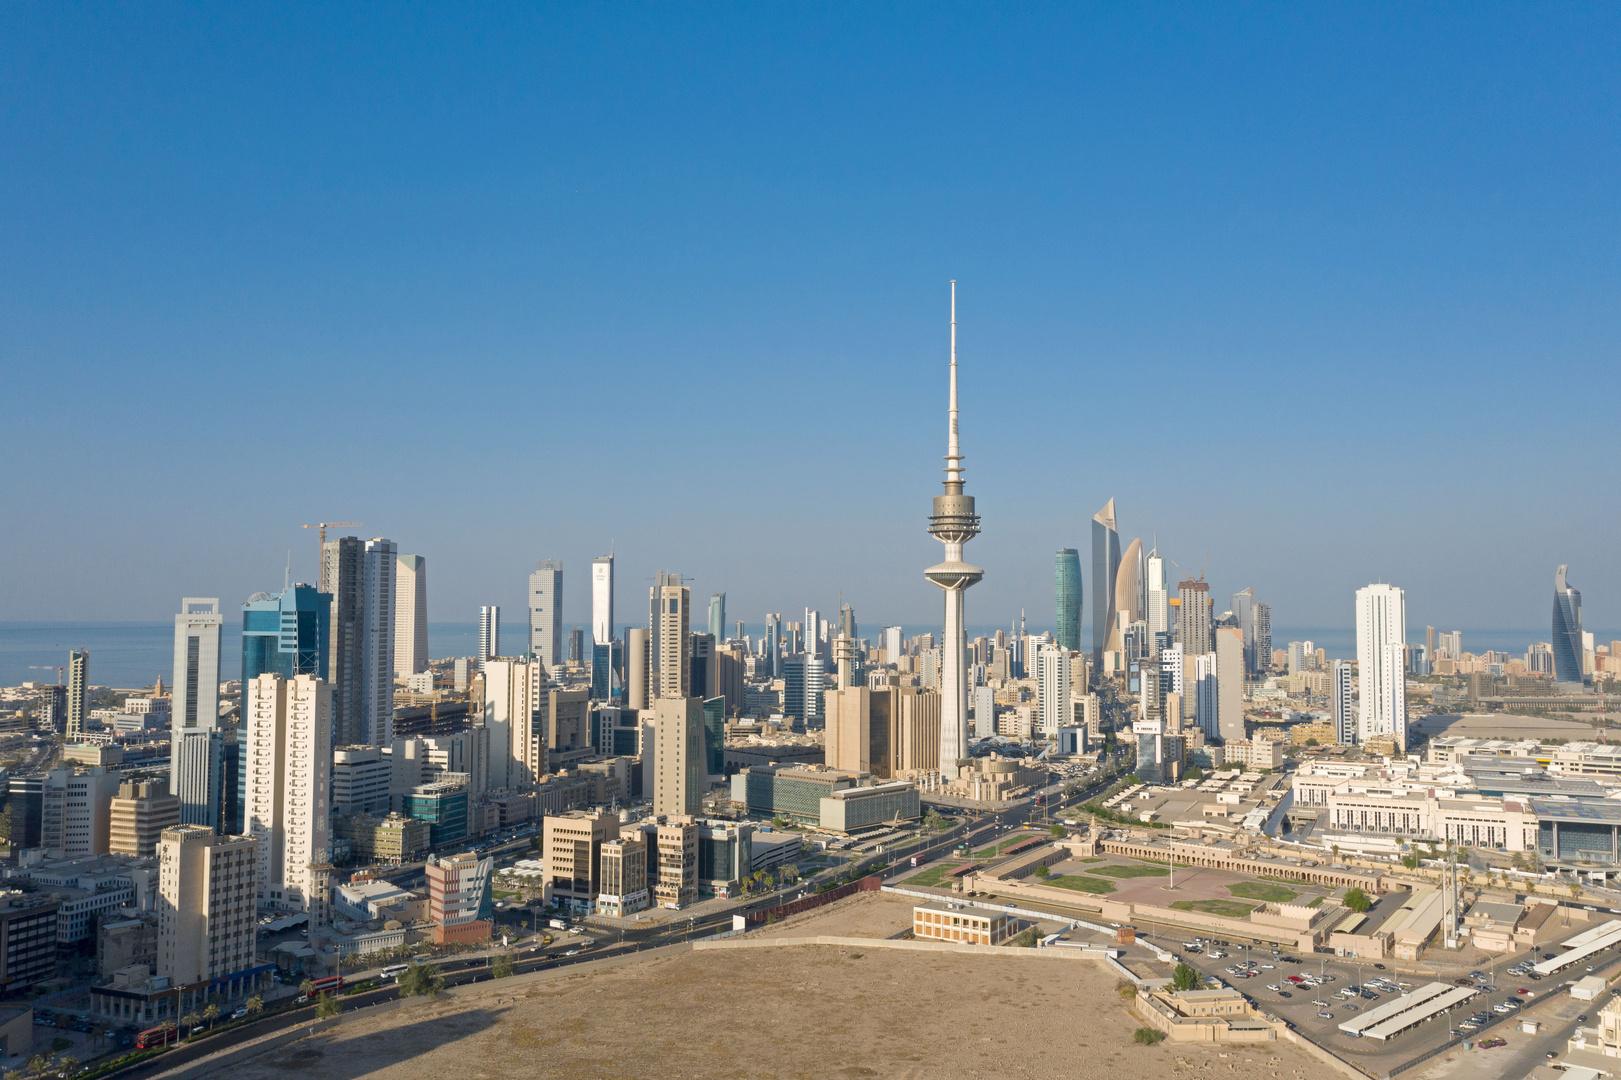 الحكم بالإعدام على متهم بجريمة قتل هزت الكويت